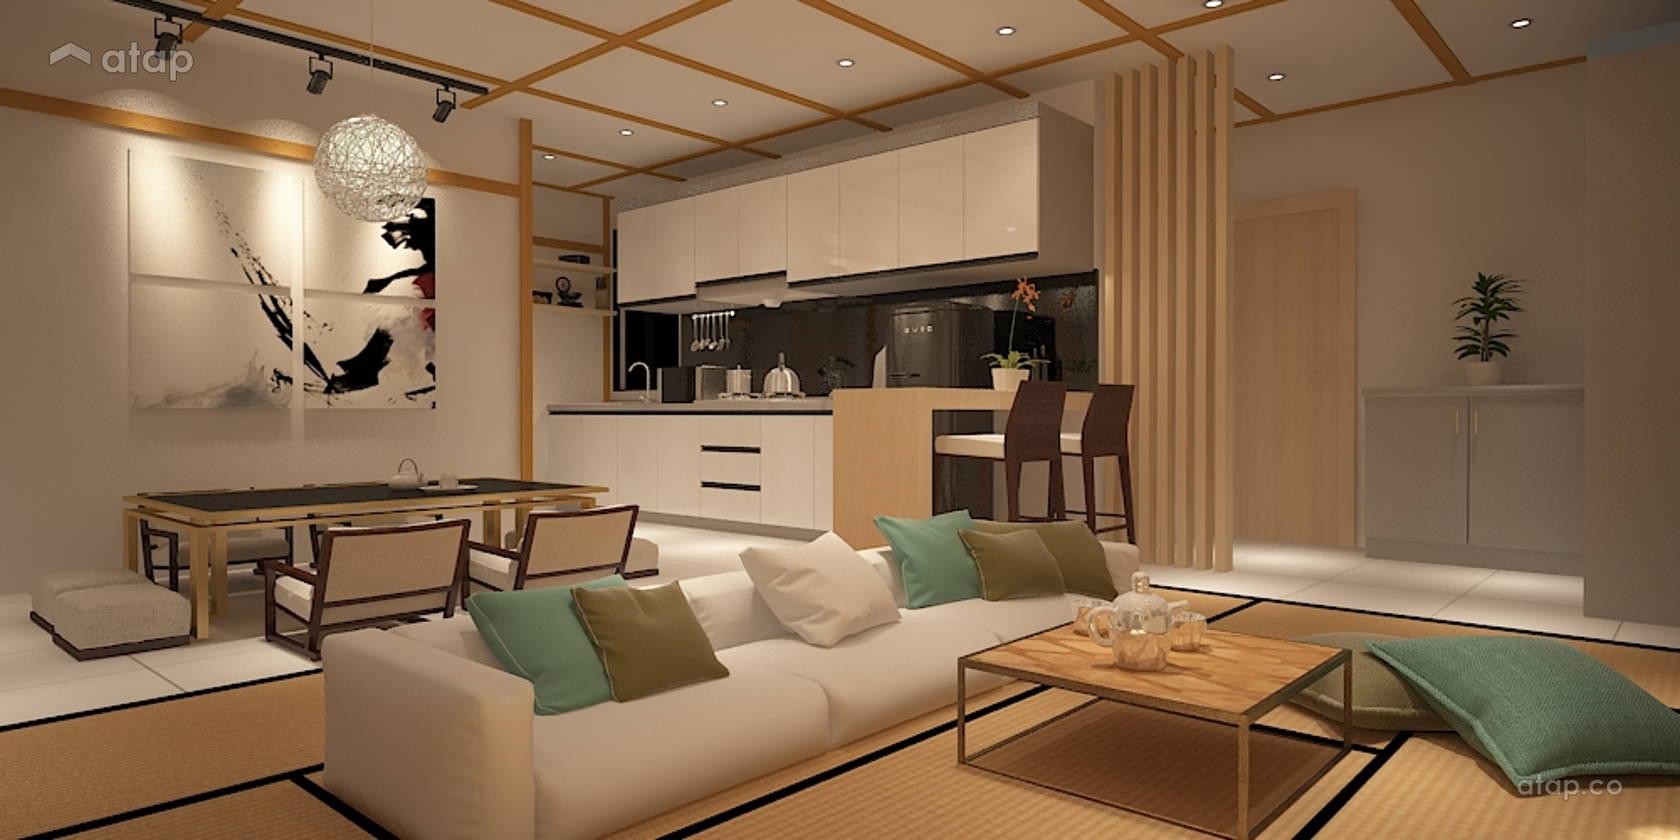 Zen Living Room apartment design ideas & photos Malaysia  Atap.co